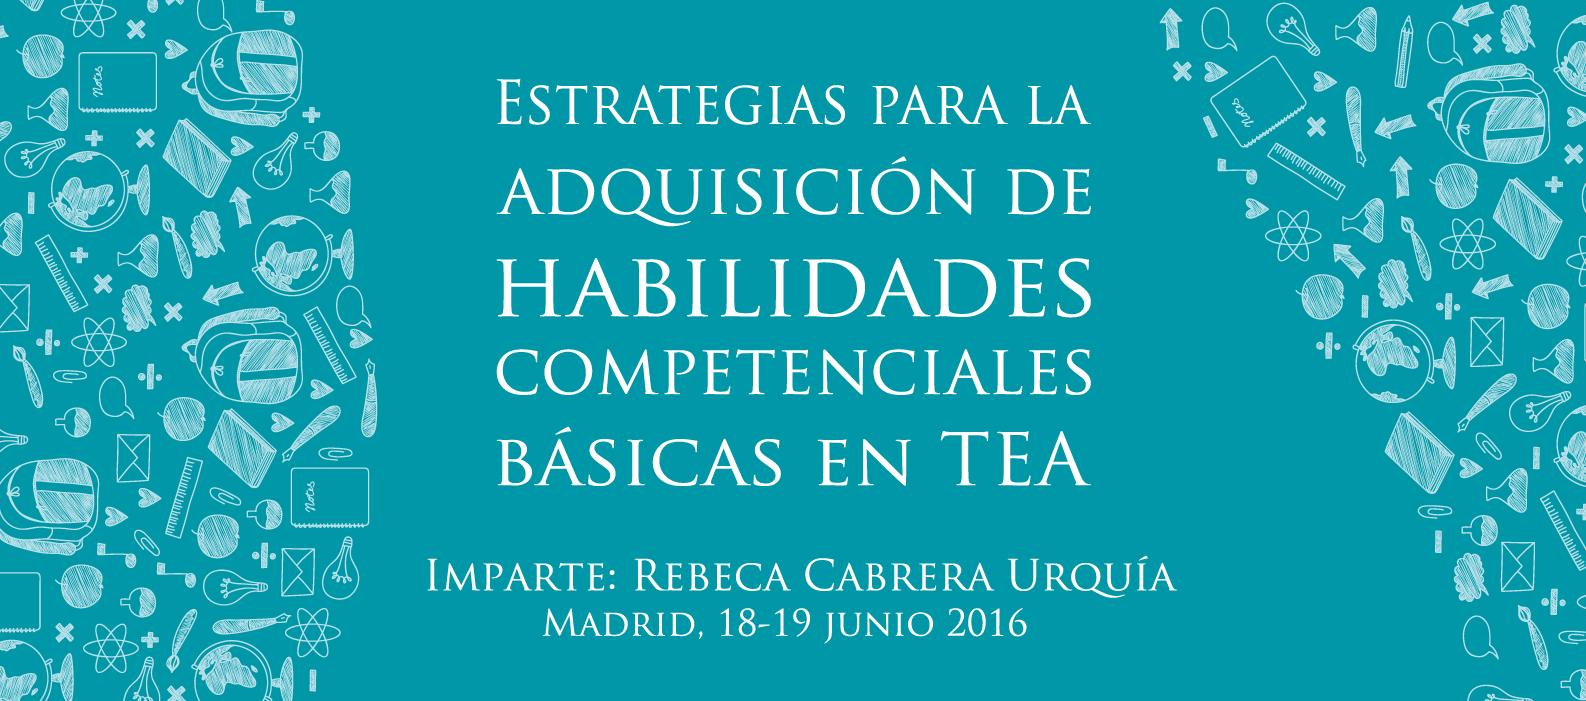 Nueva convocatoria: Estrategias para la adquisición de habilidades competenciales básicas en TEA